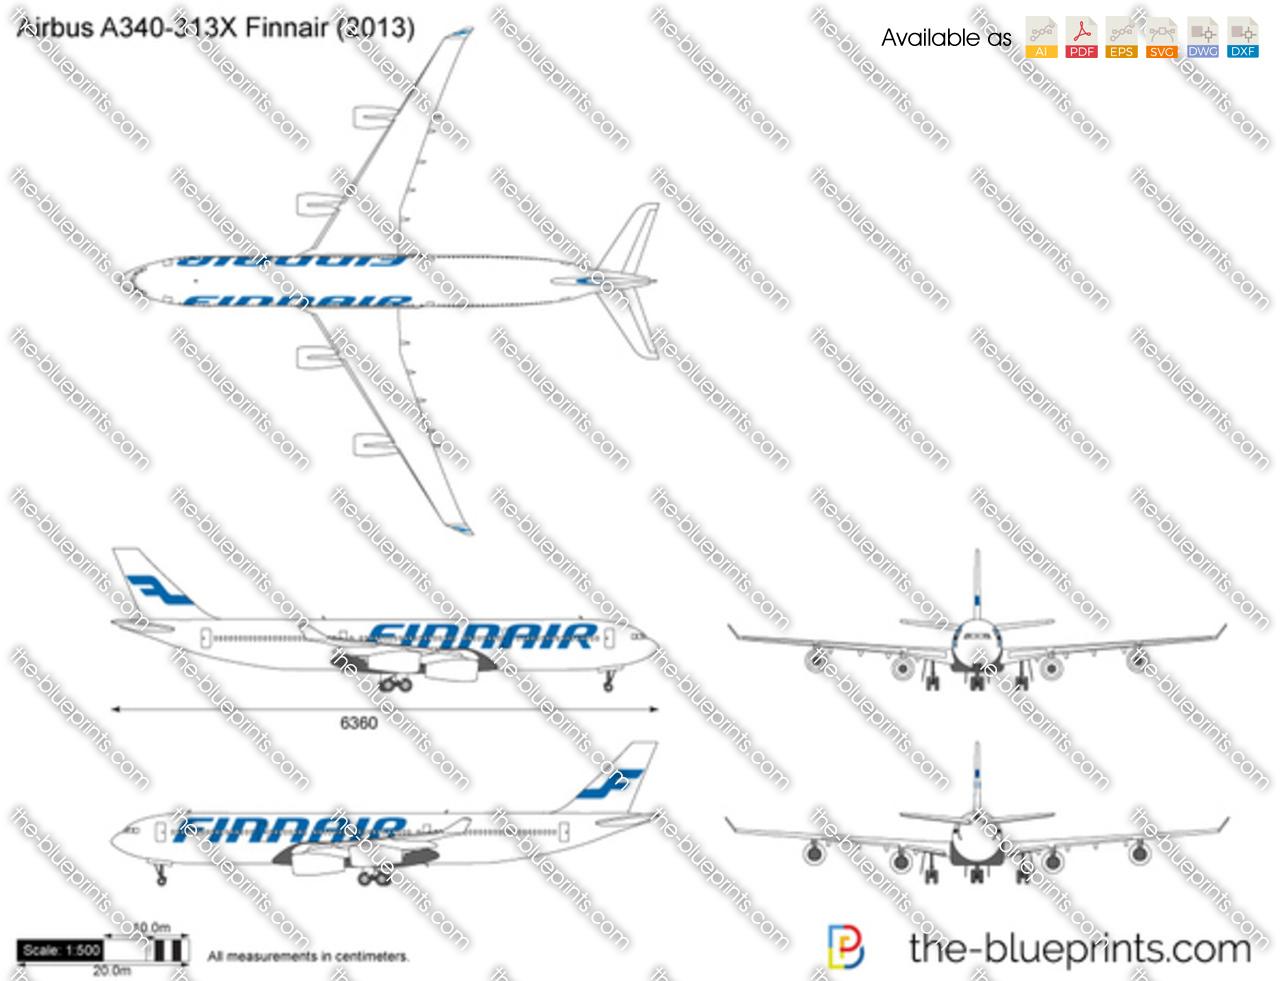 Airbus A340-313X Finnair